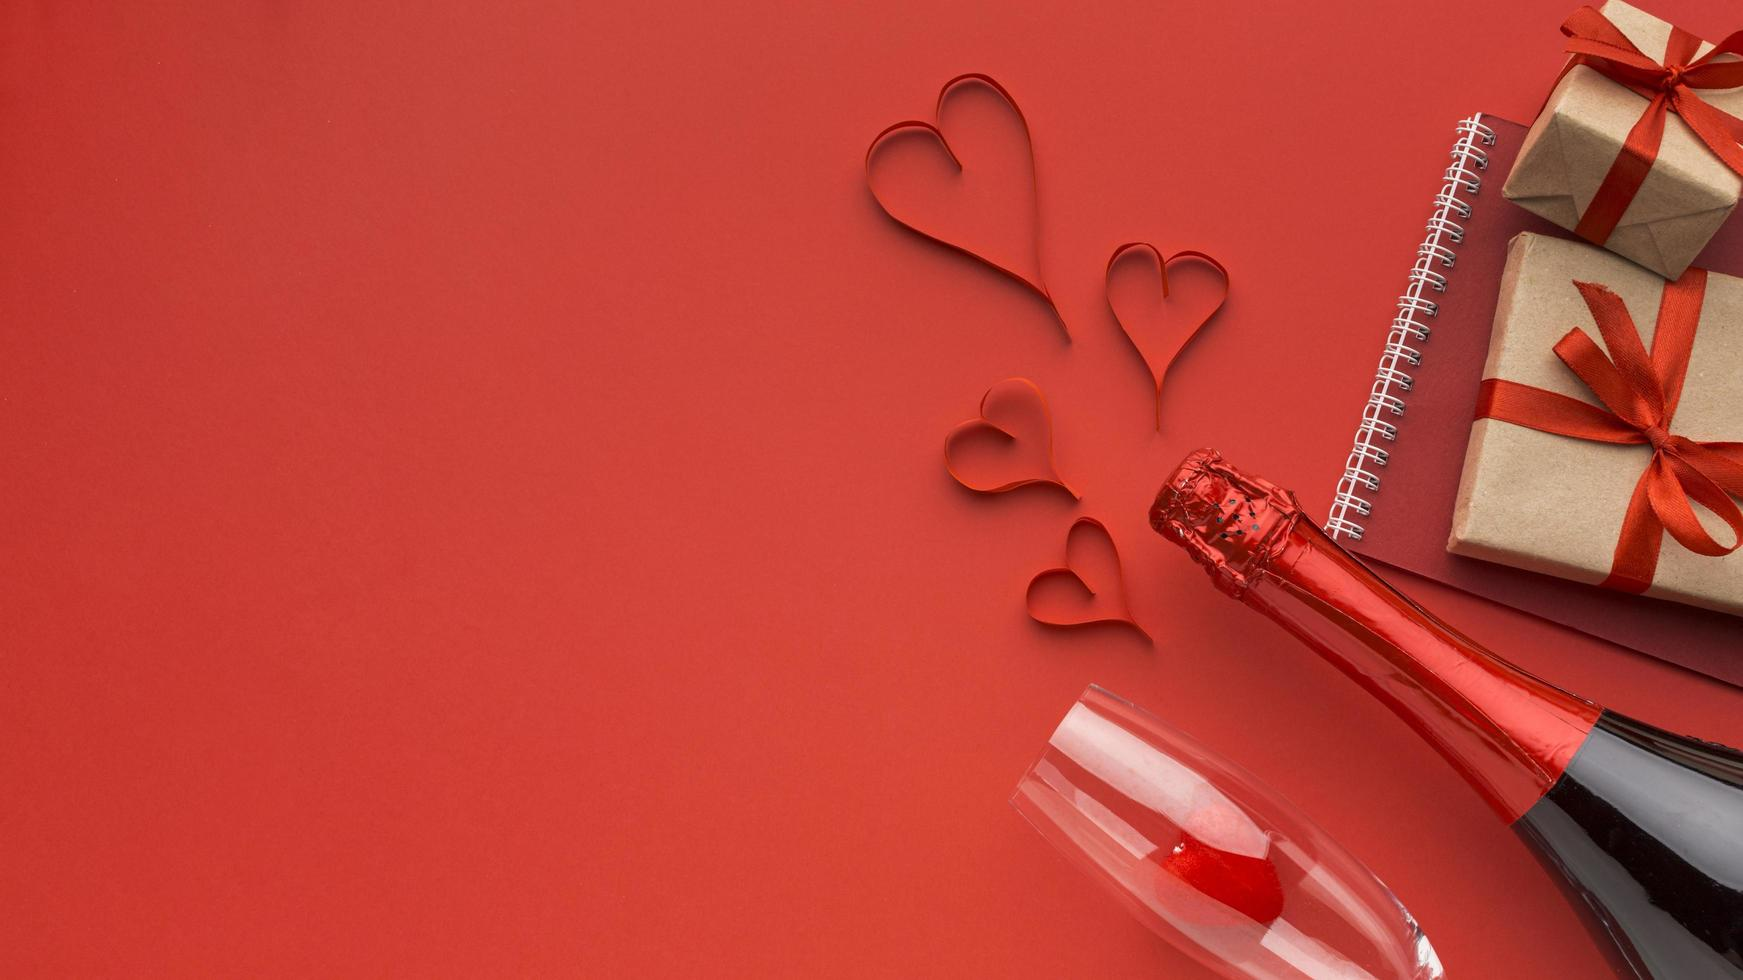 alla hjärtans dag objekt på en röd bakgrund foto